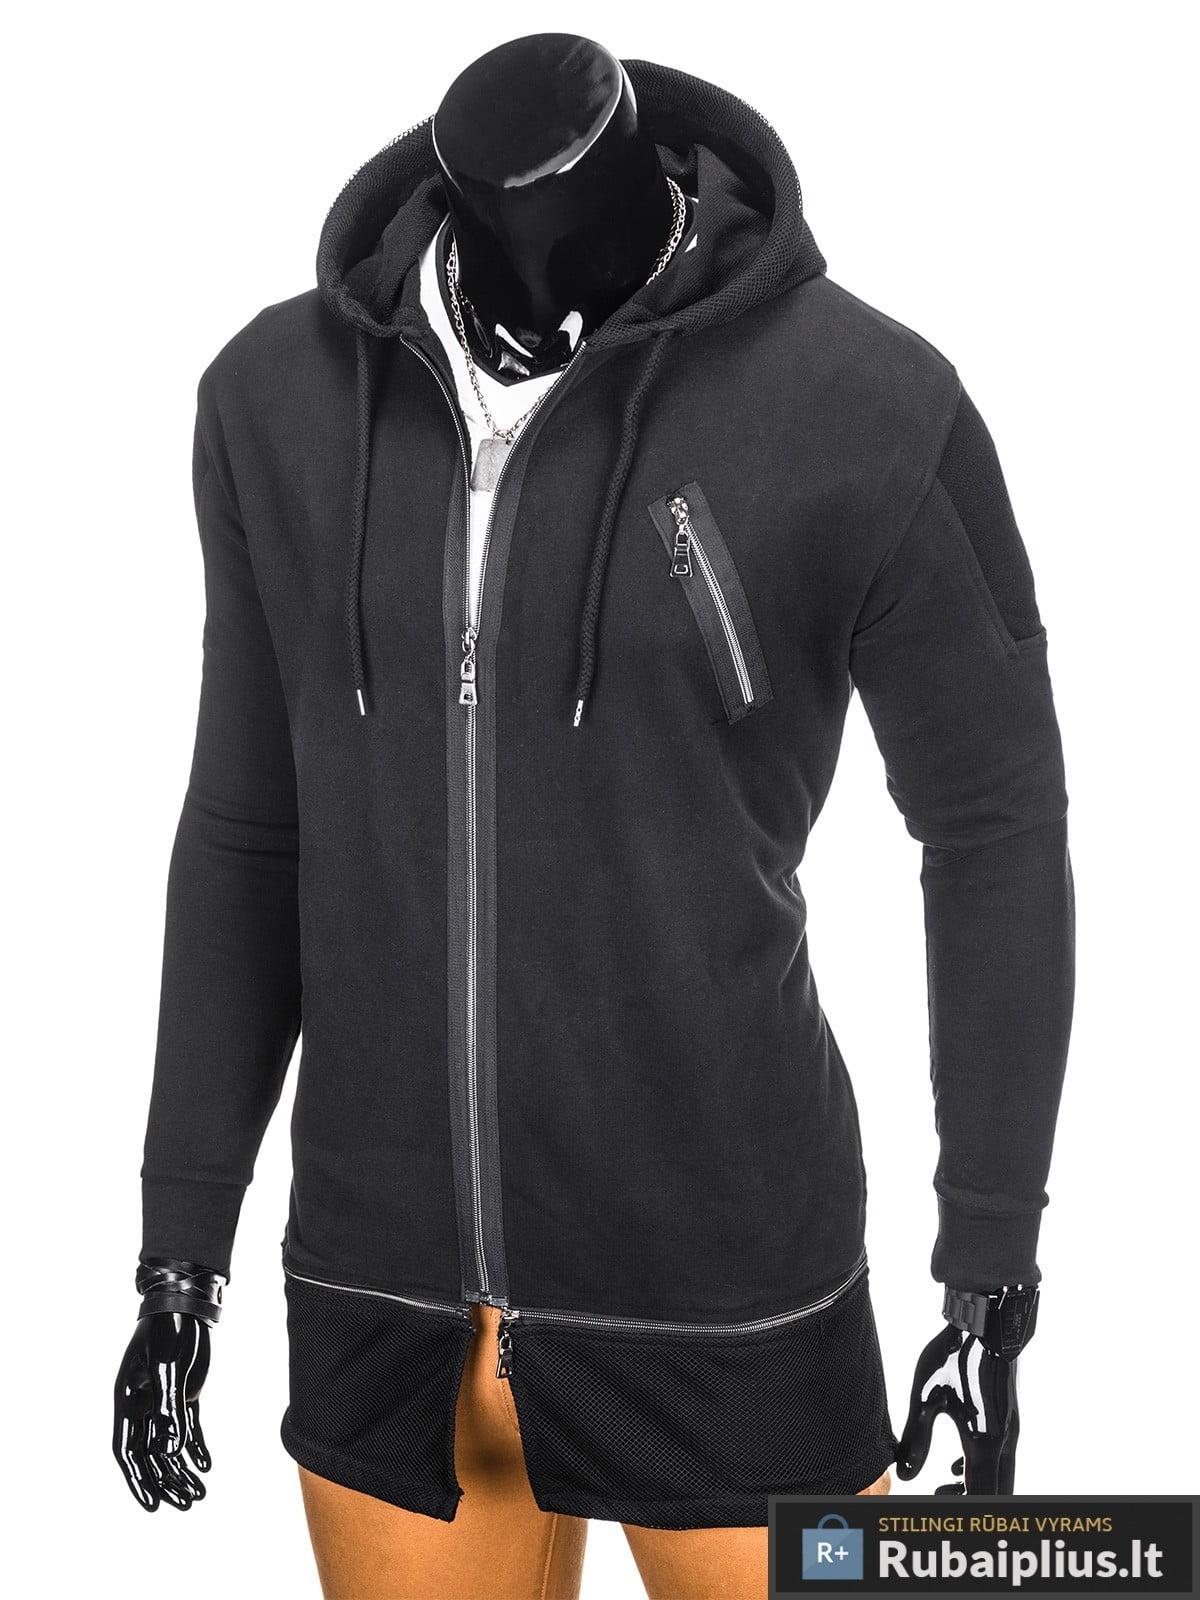 stilingas juodos spalvos dzemperis vyrams internetu pigiau, nebrangiai madingi vyriški džemperiai protigna kaina jaunuoliams, berniukams, paaugliams nuolaidos